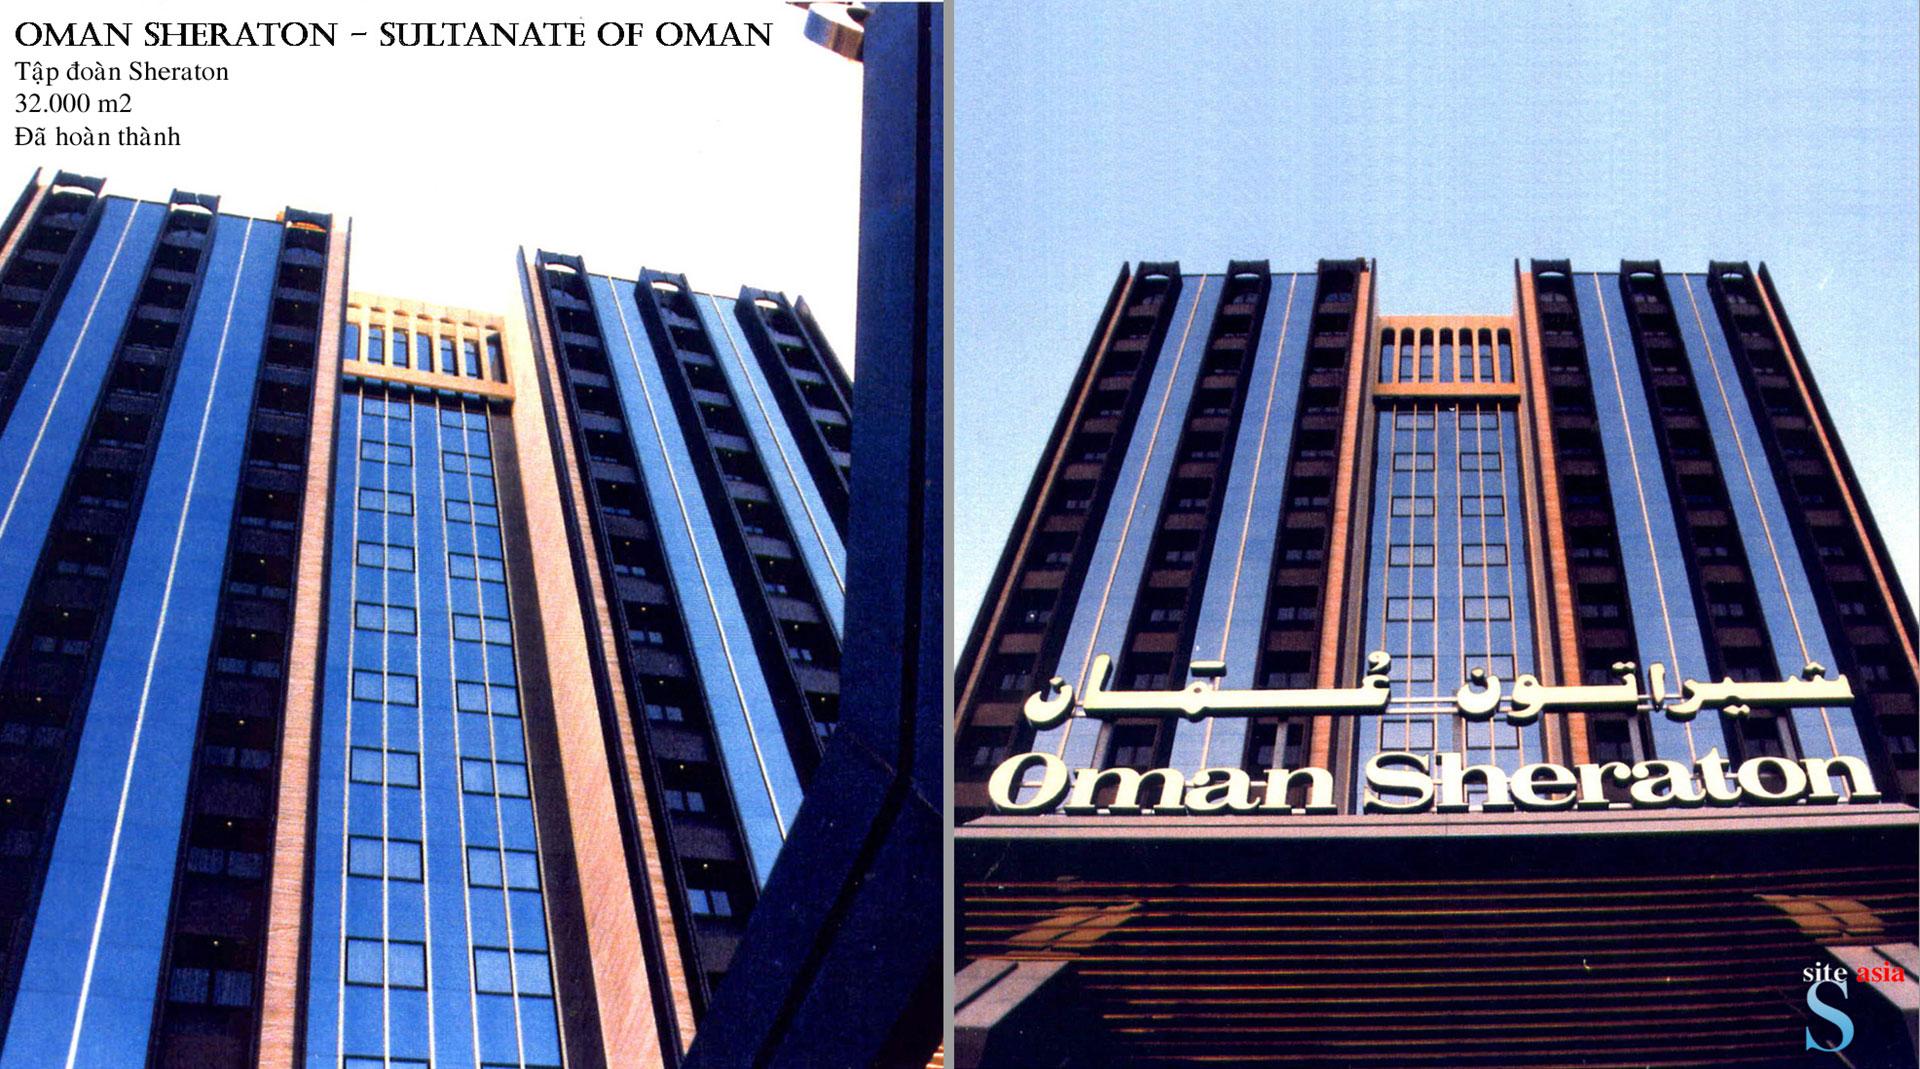 Oman sheraton hotel sultanate of oman site asia for Designhotel oman